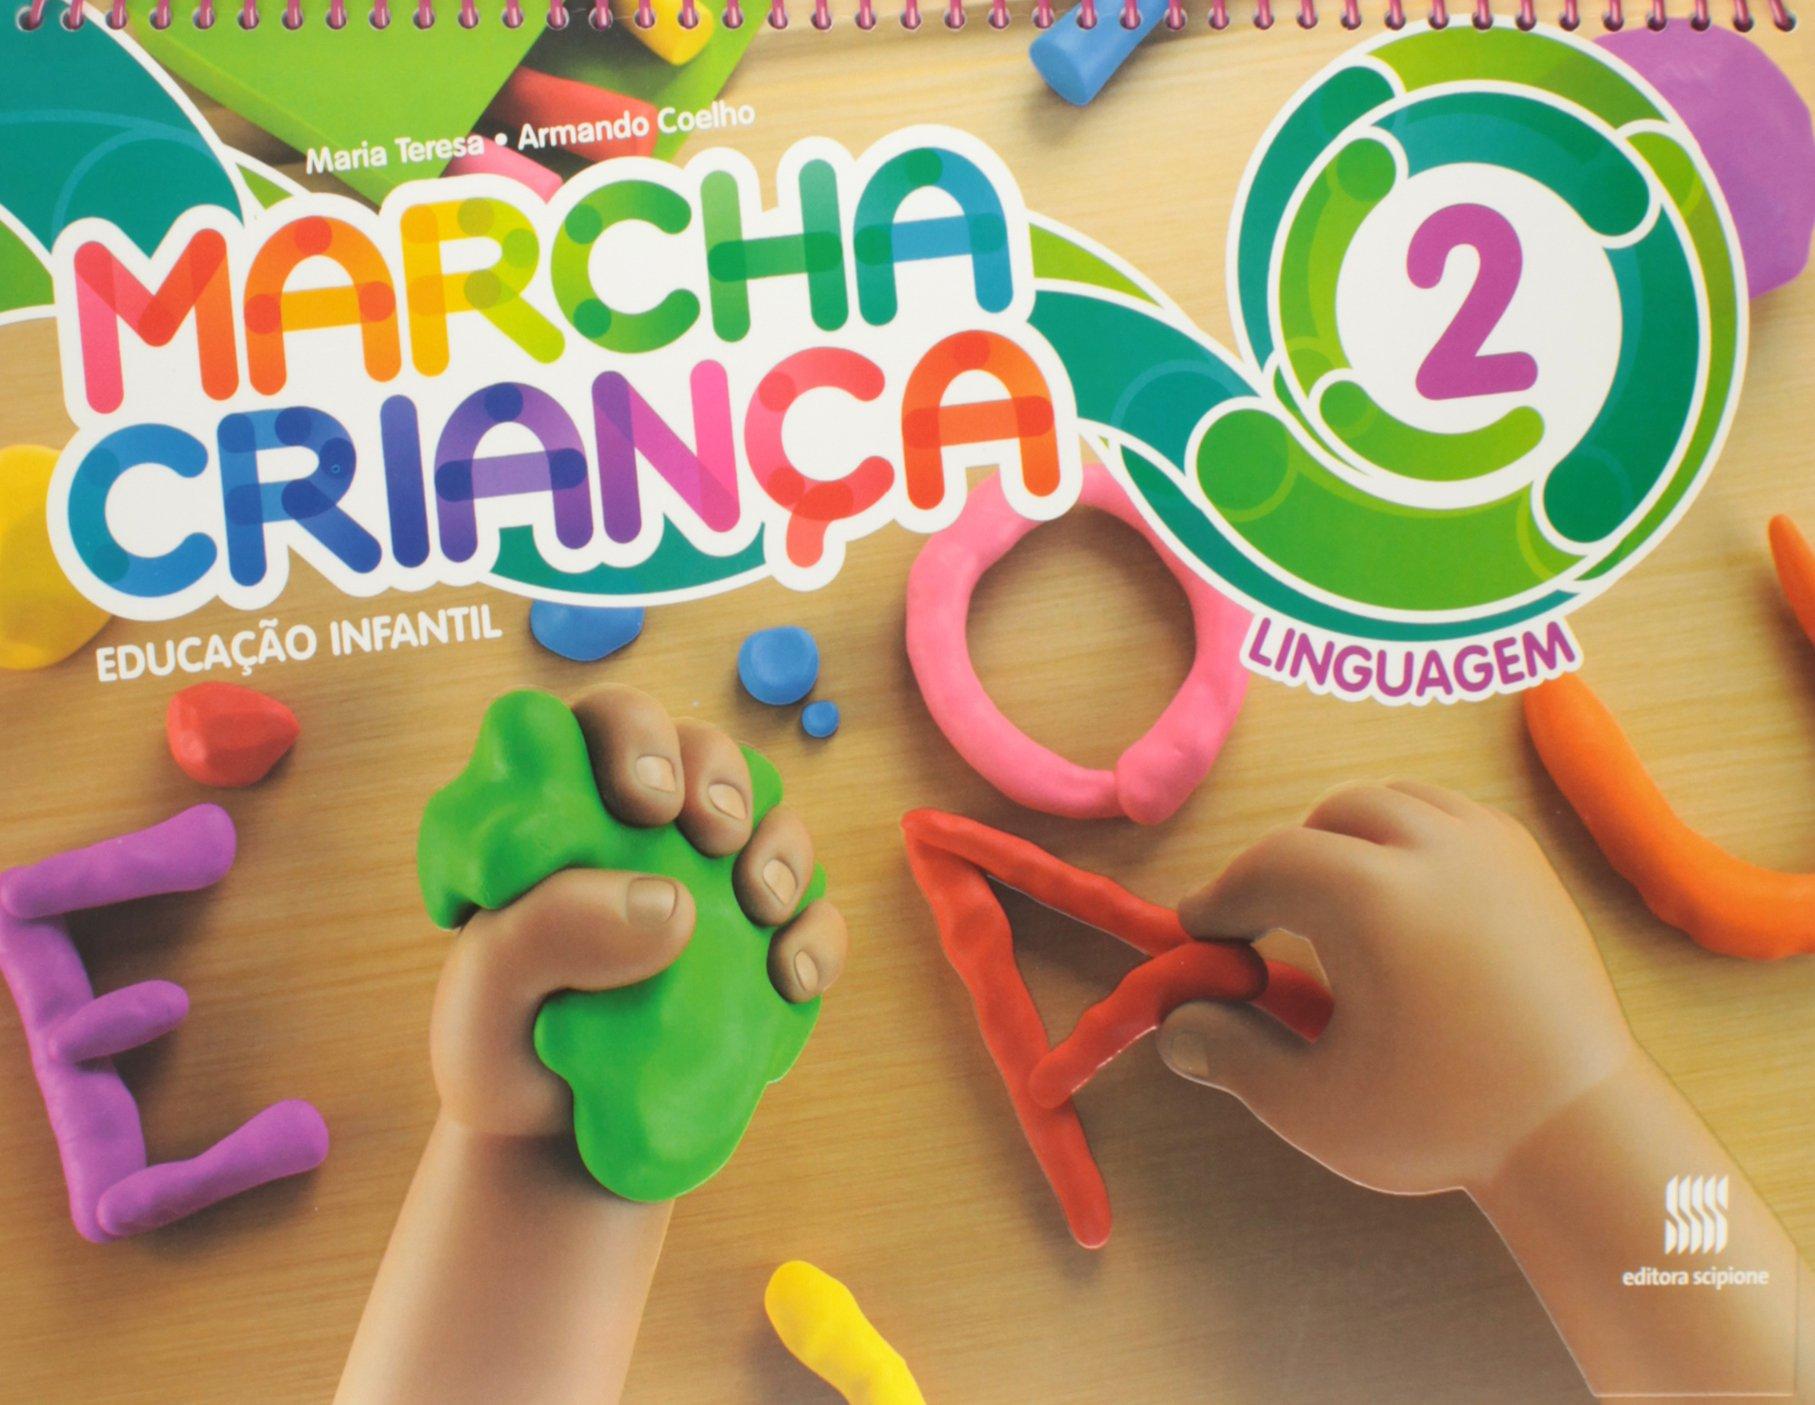 Marcha Criança. Educação Infantil. Linguagem - Volume 2 (Em Portuguese do Brasil): Maria Teresa Marsico: 9788526296220: Amazon.com: Books